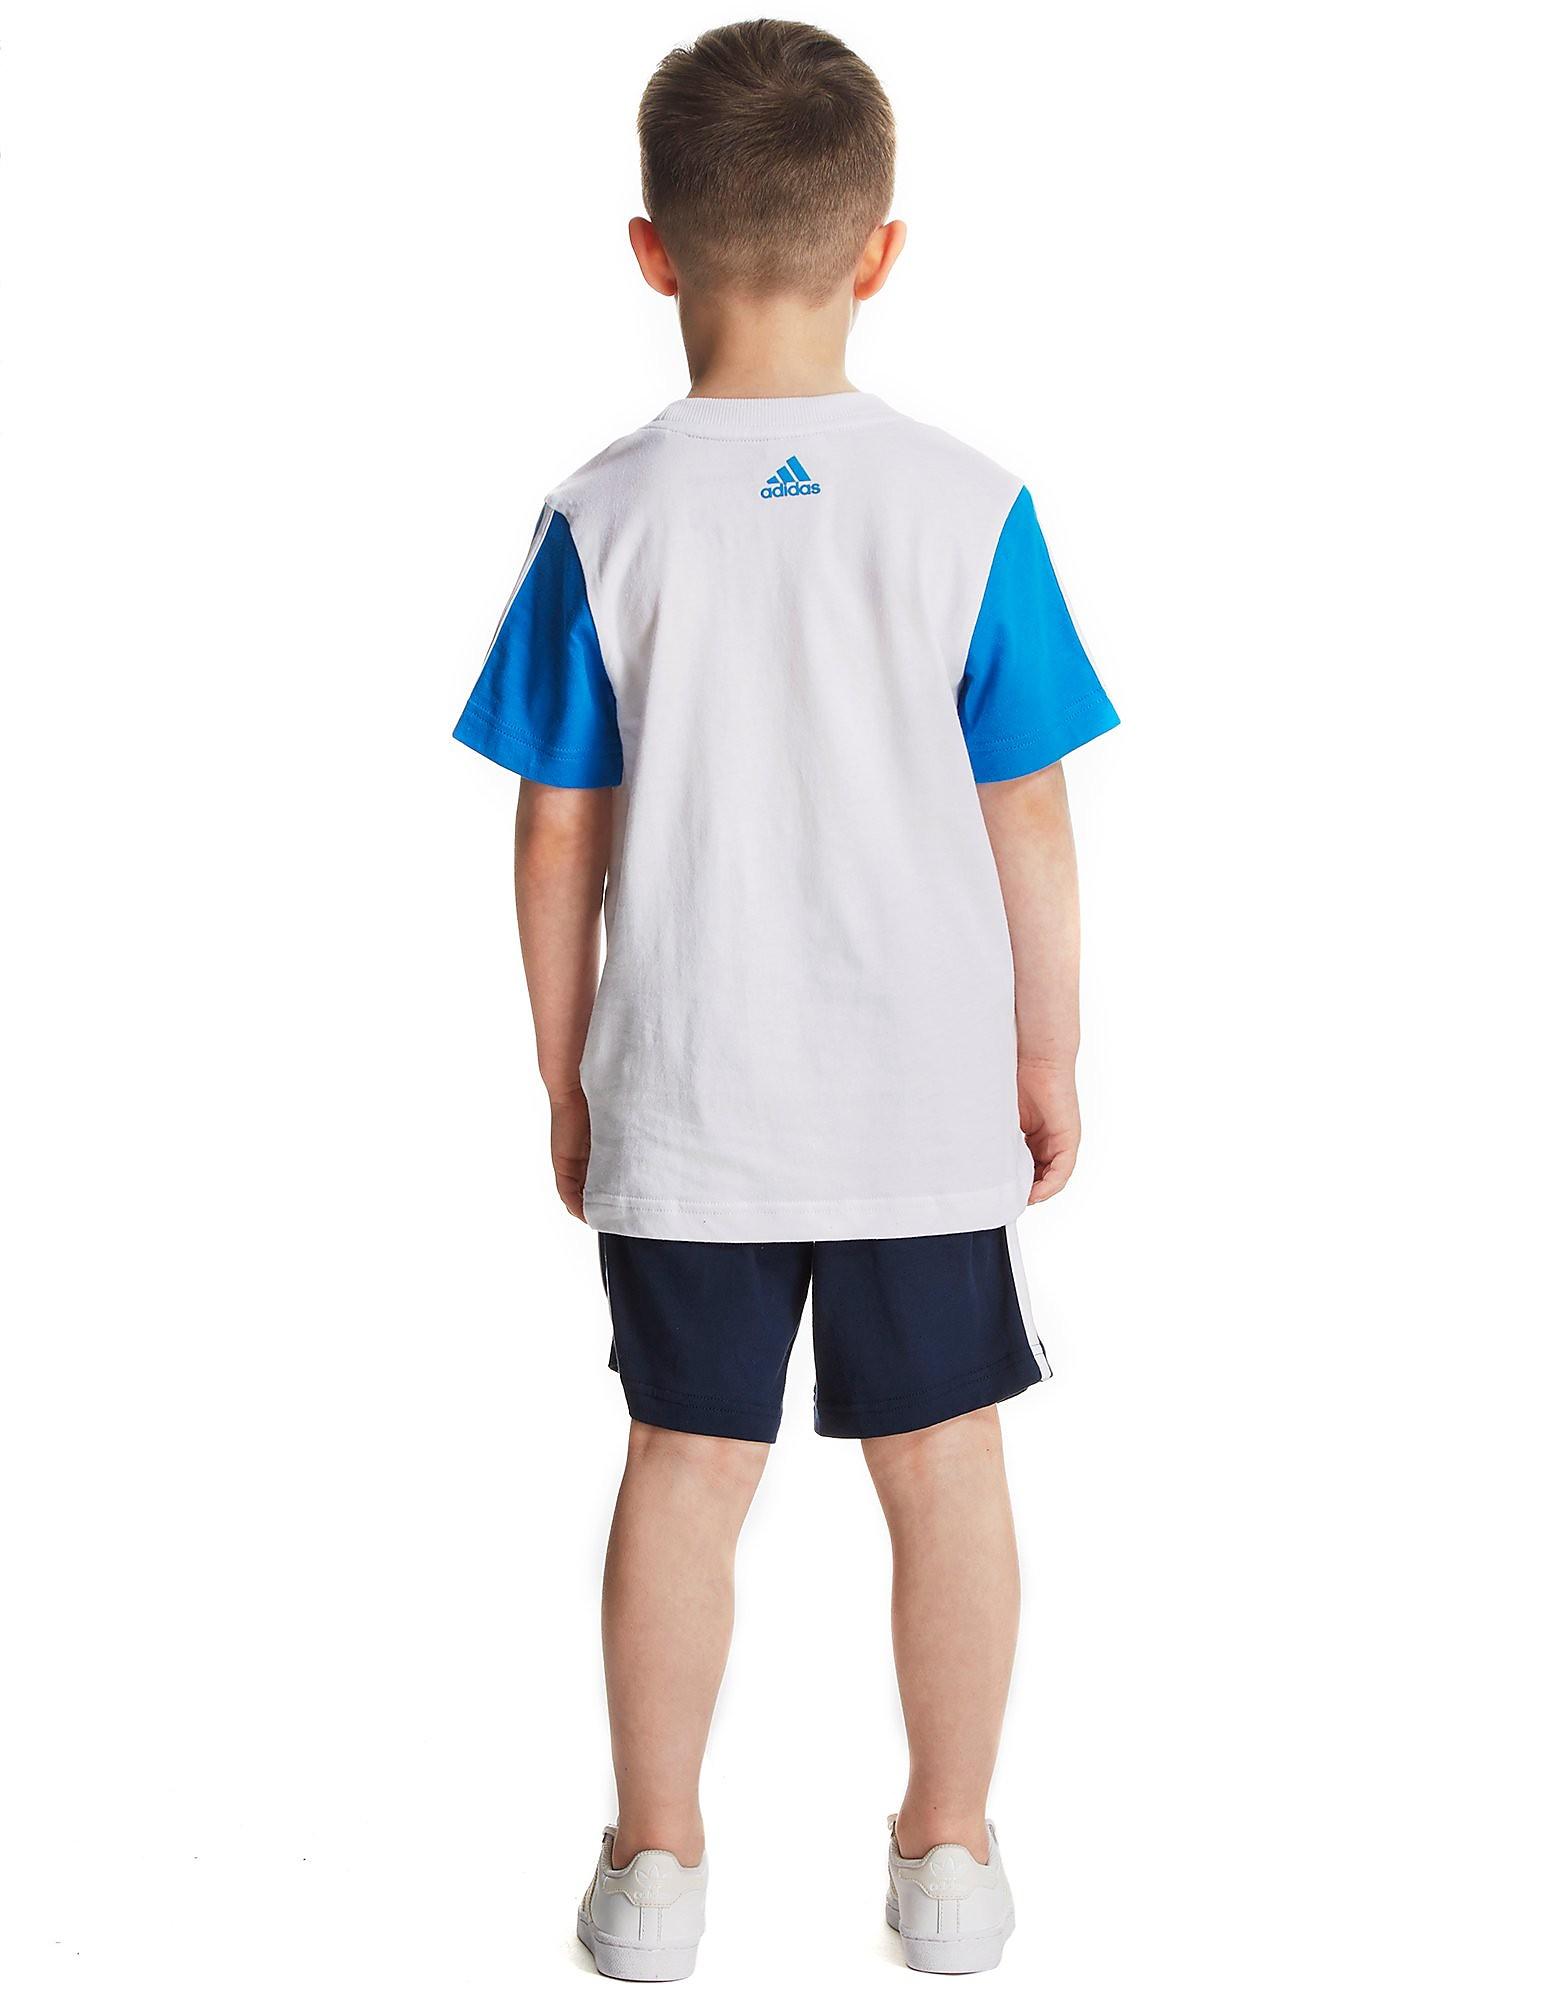 adidas Linear T-Shirt and Short Set Children